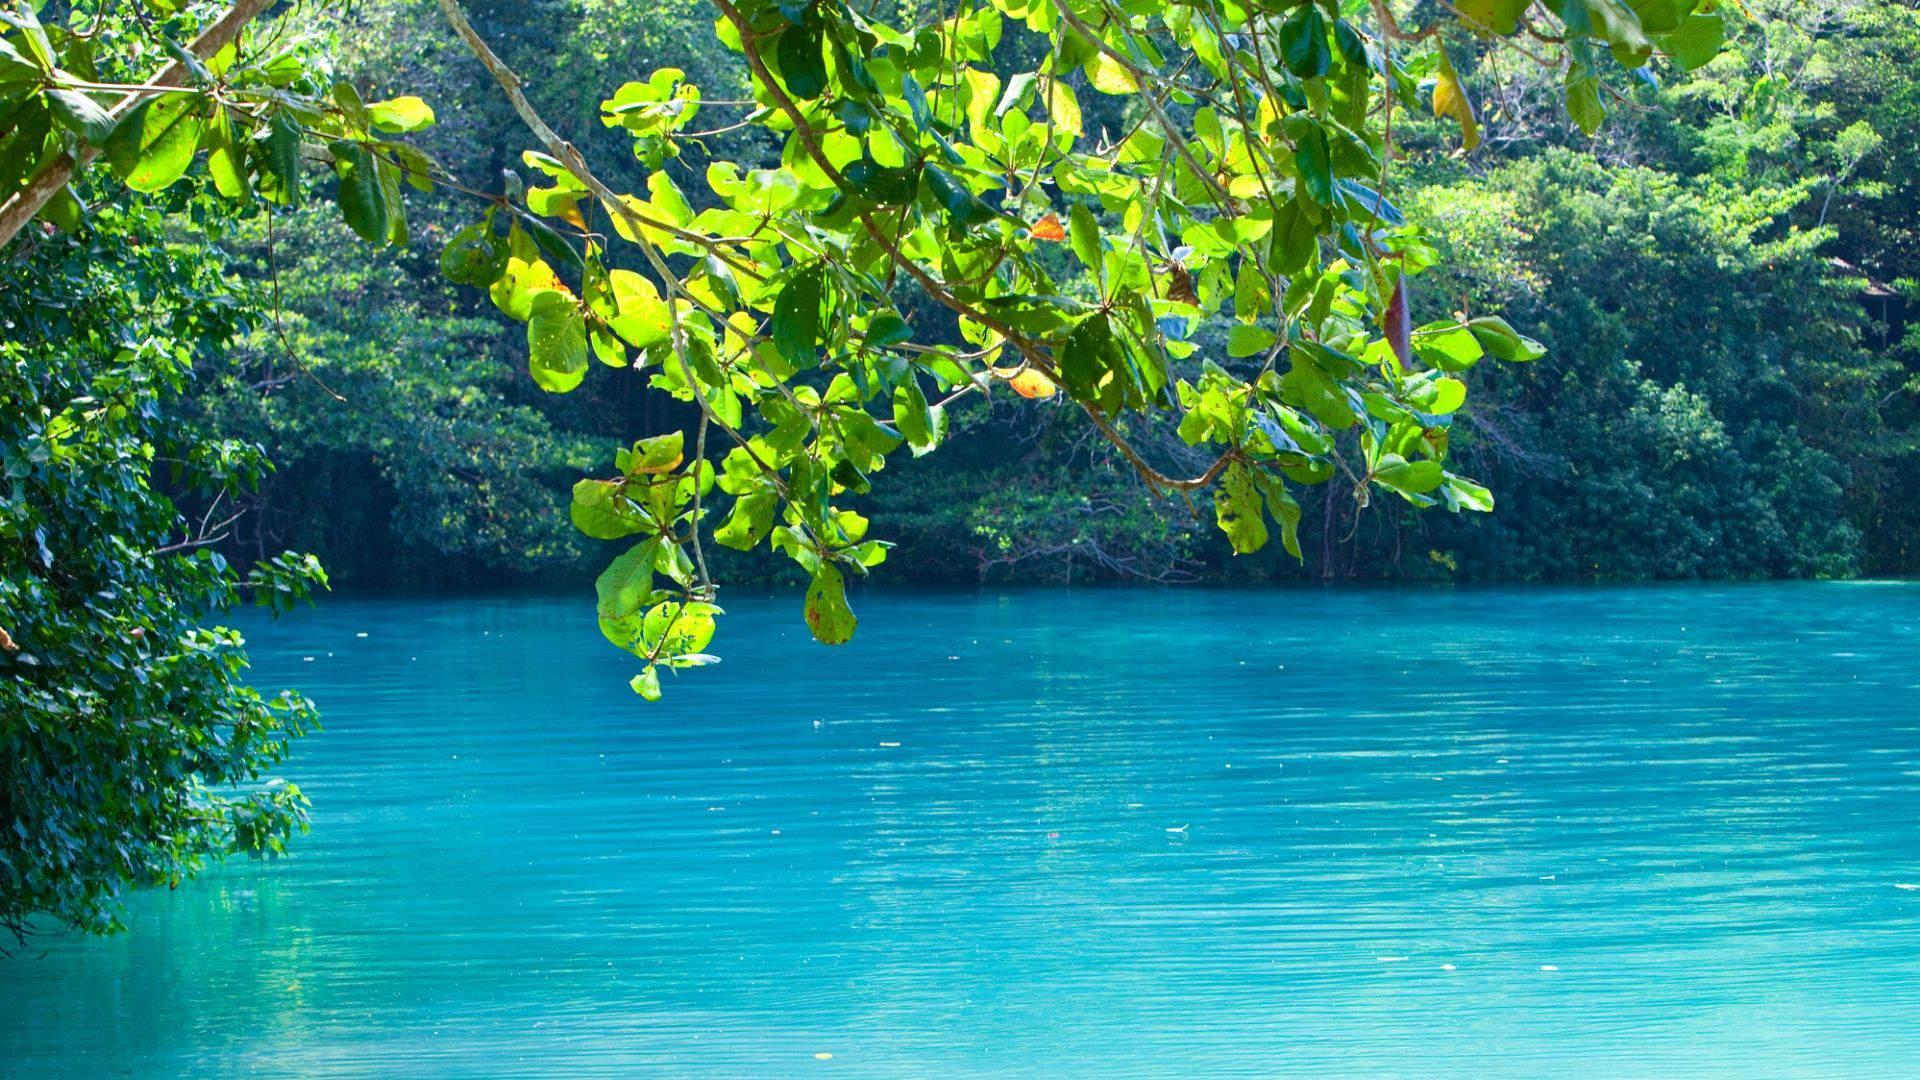 Mėlynoji lagūna - kerinčio grožio kampelis Jamaikoje